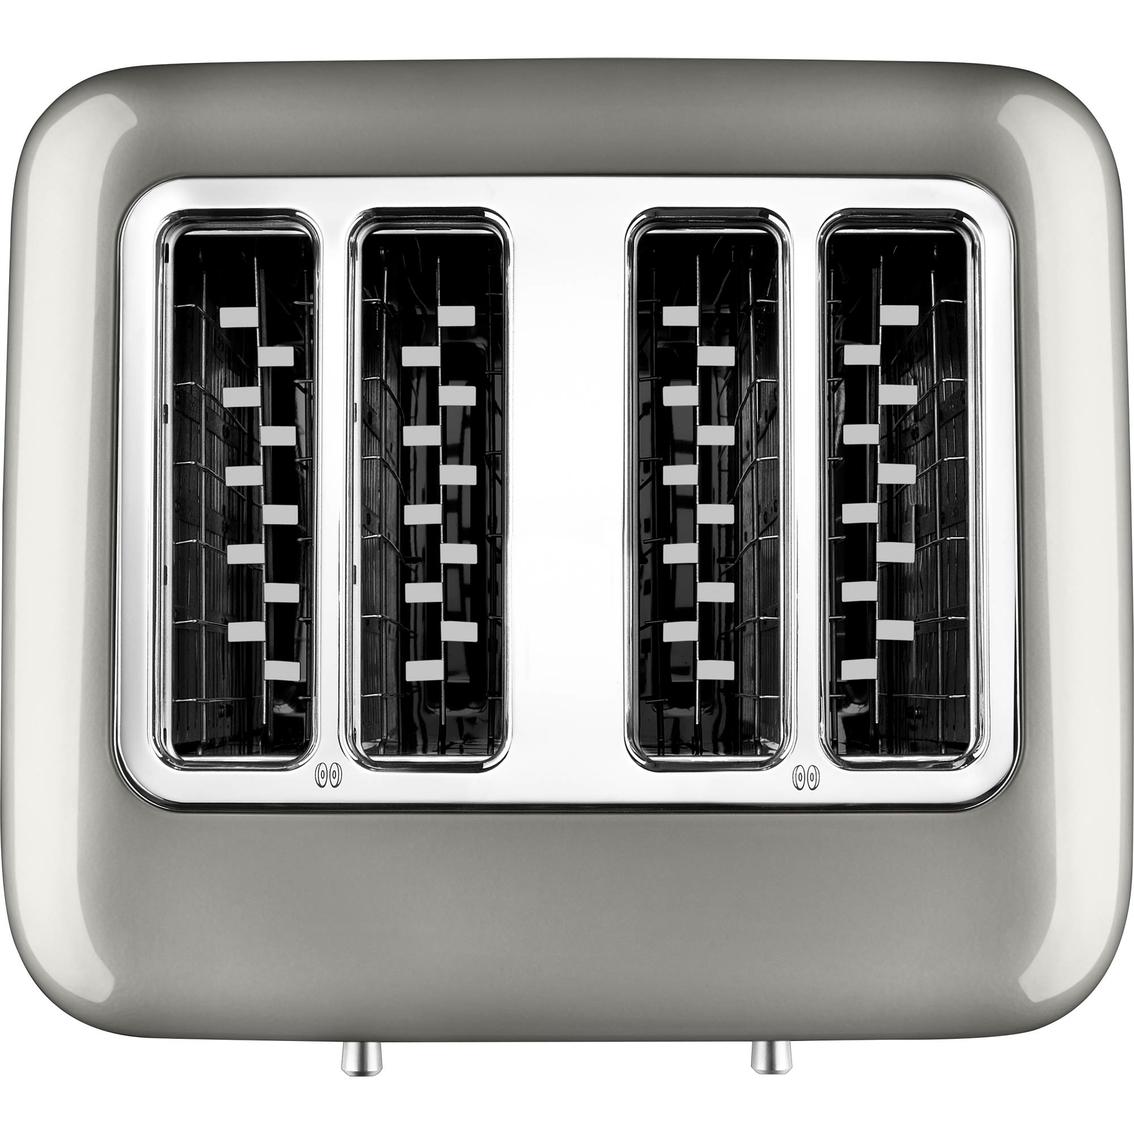 Kitchenaid Pro Line Series 4 Slice Automatic Toaster ...